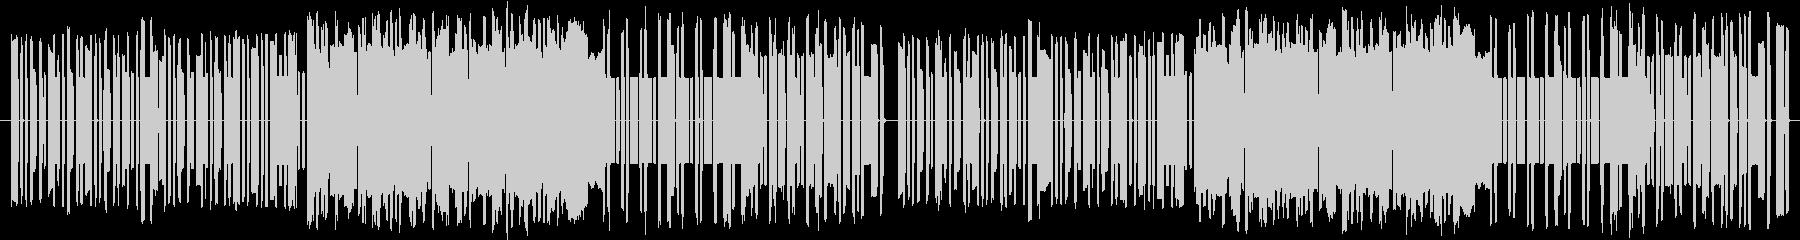 コミカルで怪しい8bitストレンジの未再生の波形